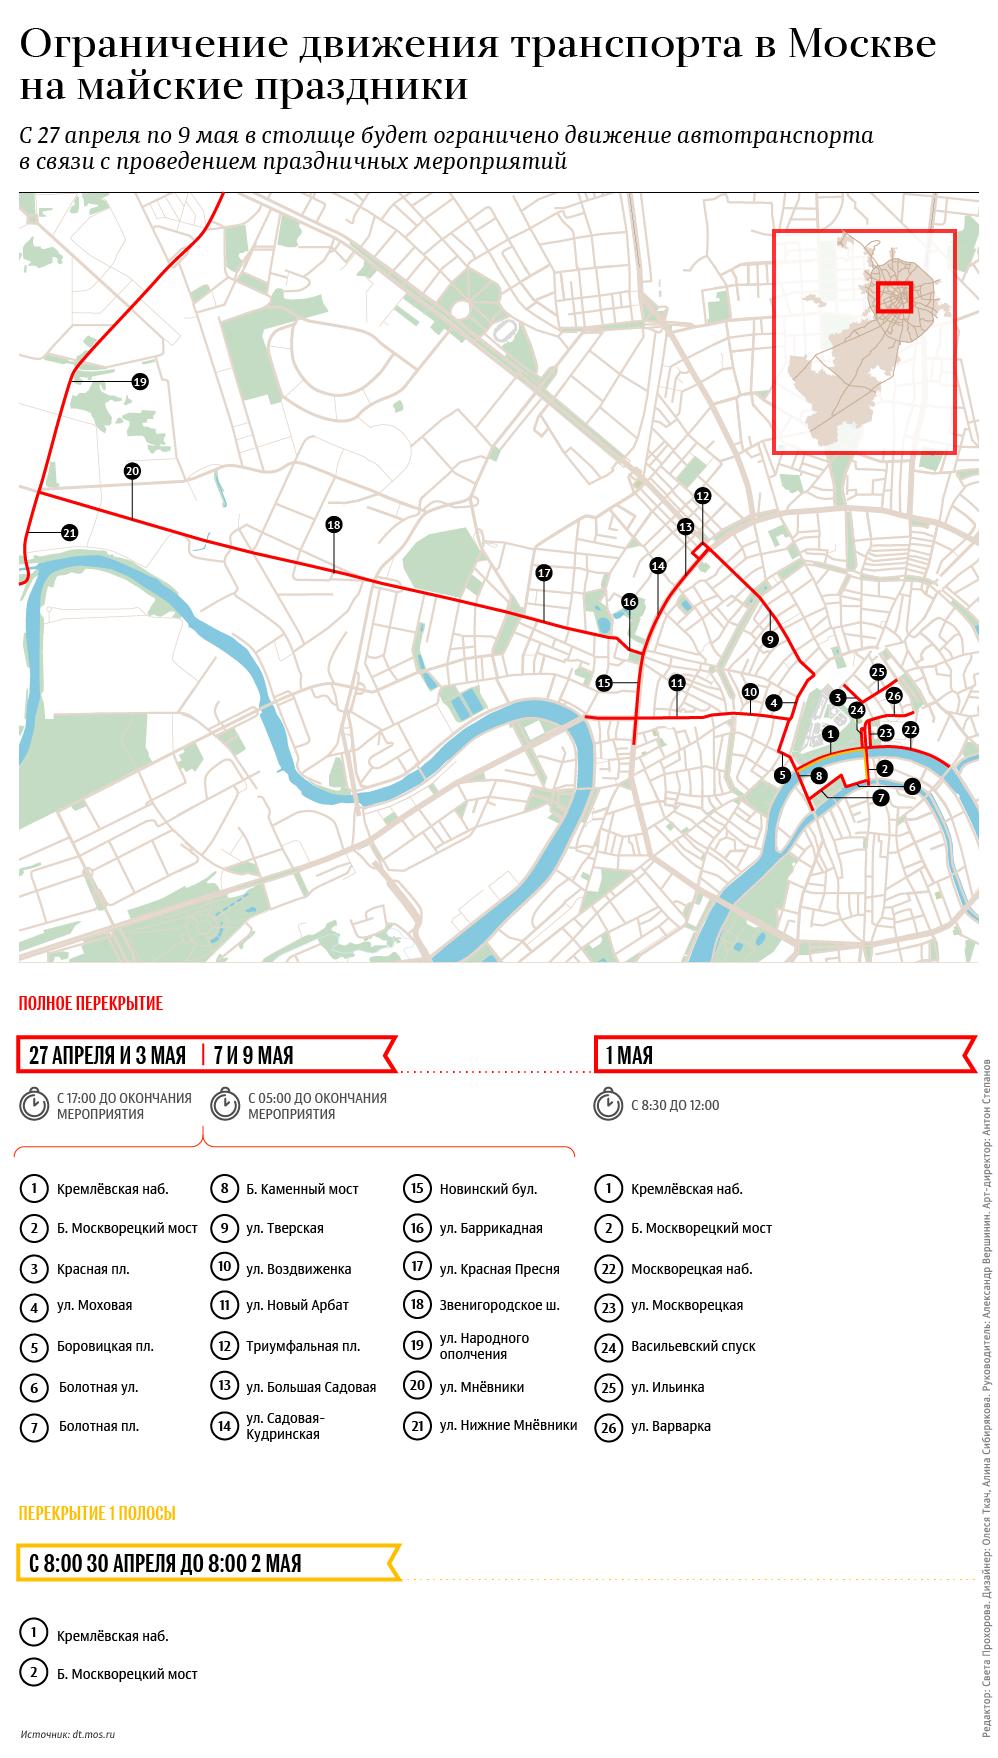 Ограничение движения транспорта в Москве на майские праздники